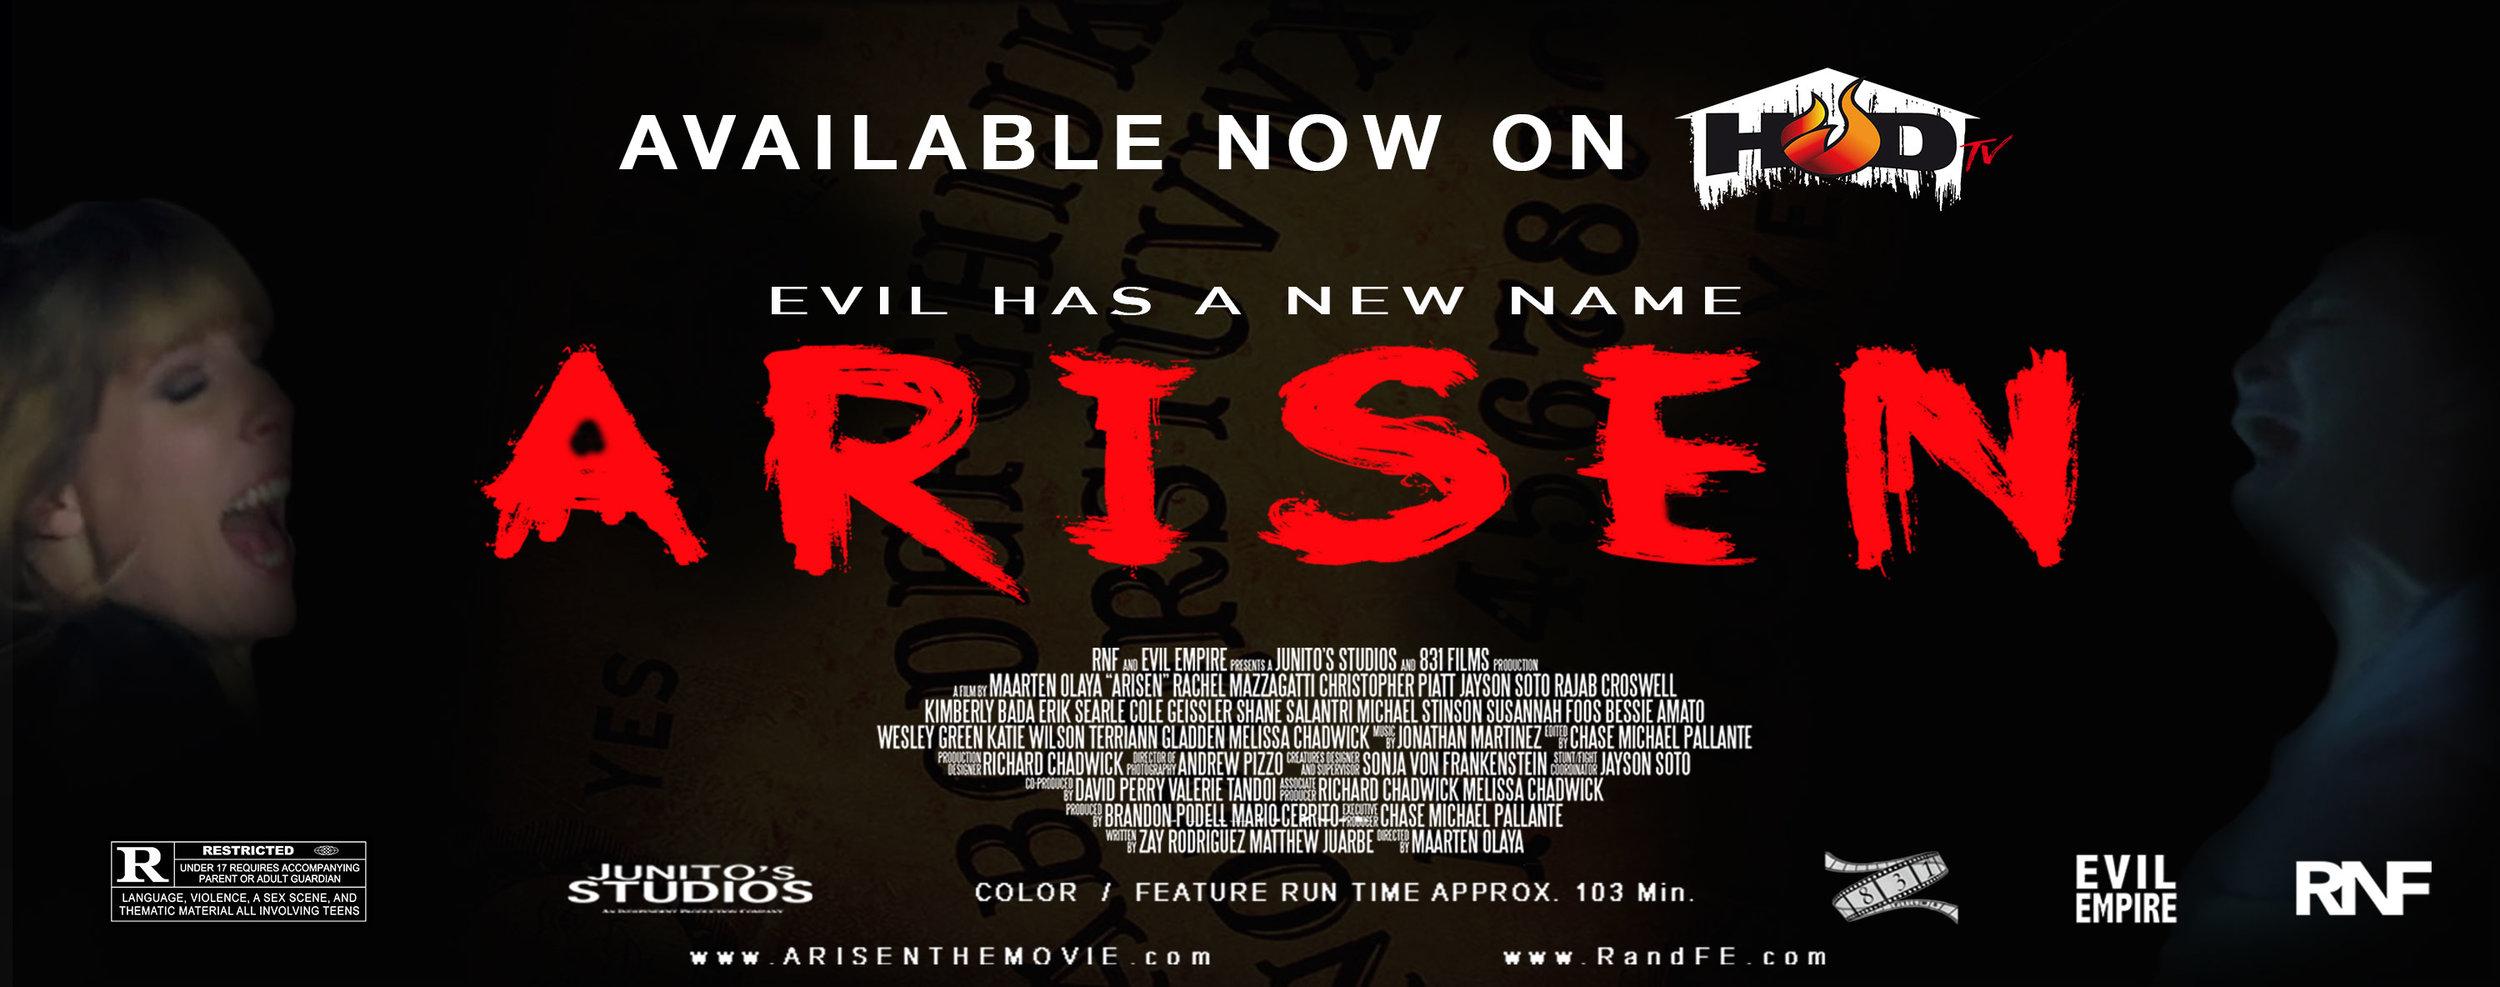 ARiSEN-website-banner-HODTV.jpg